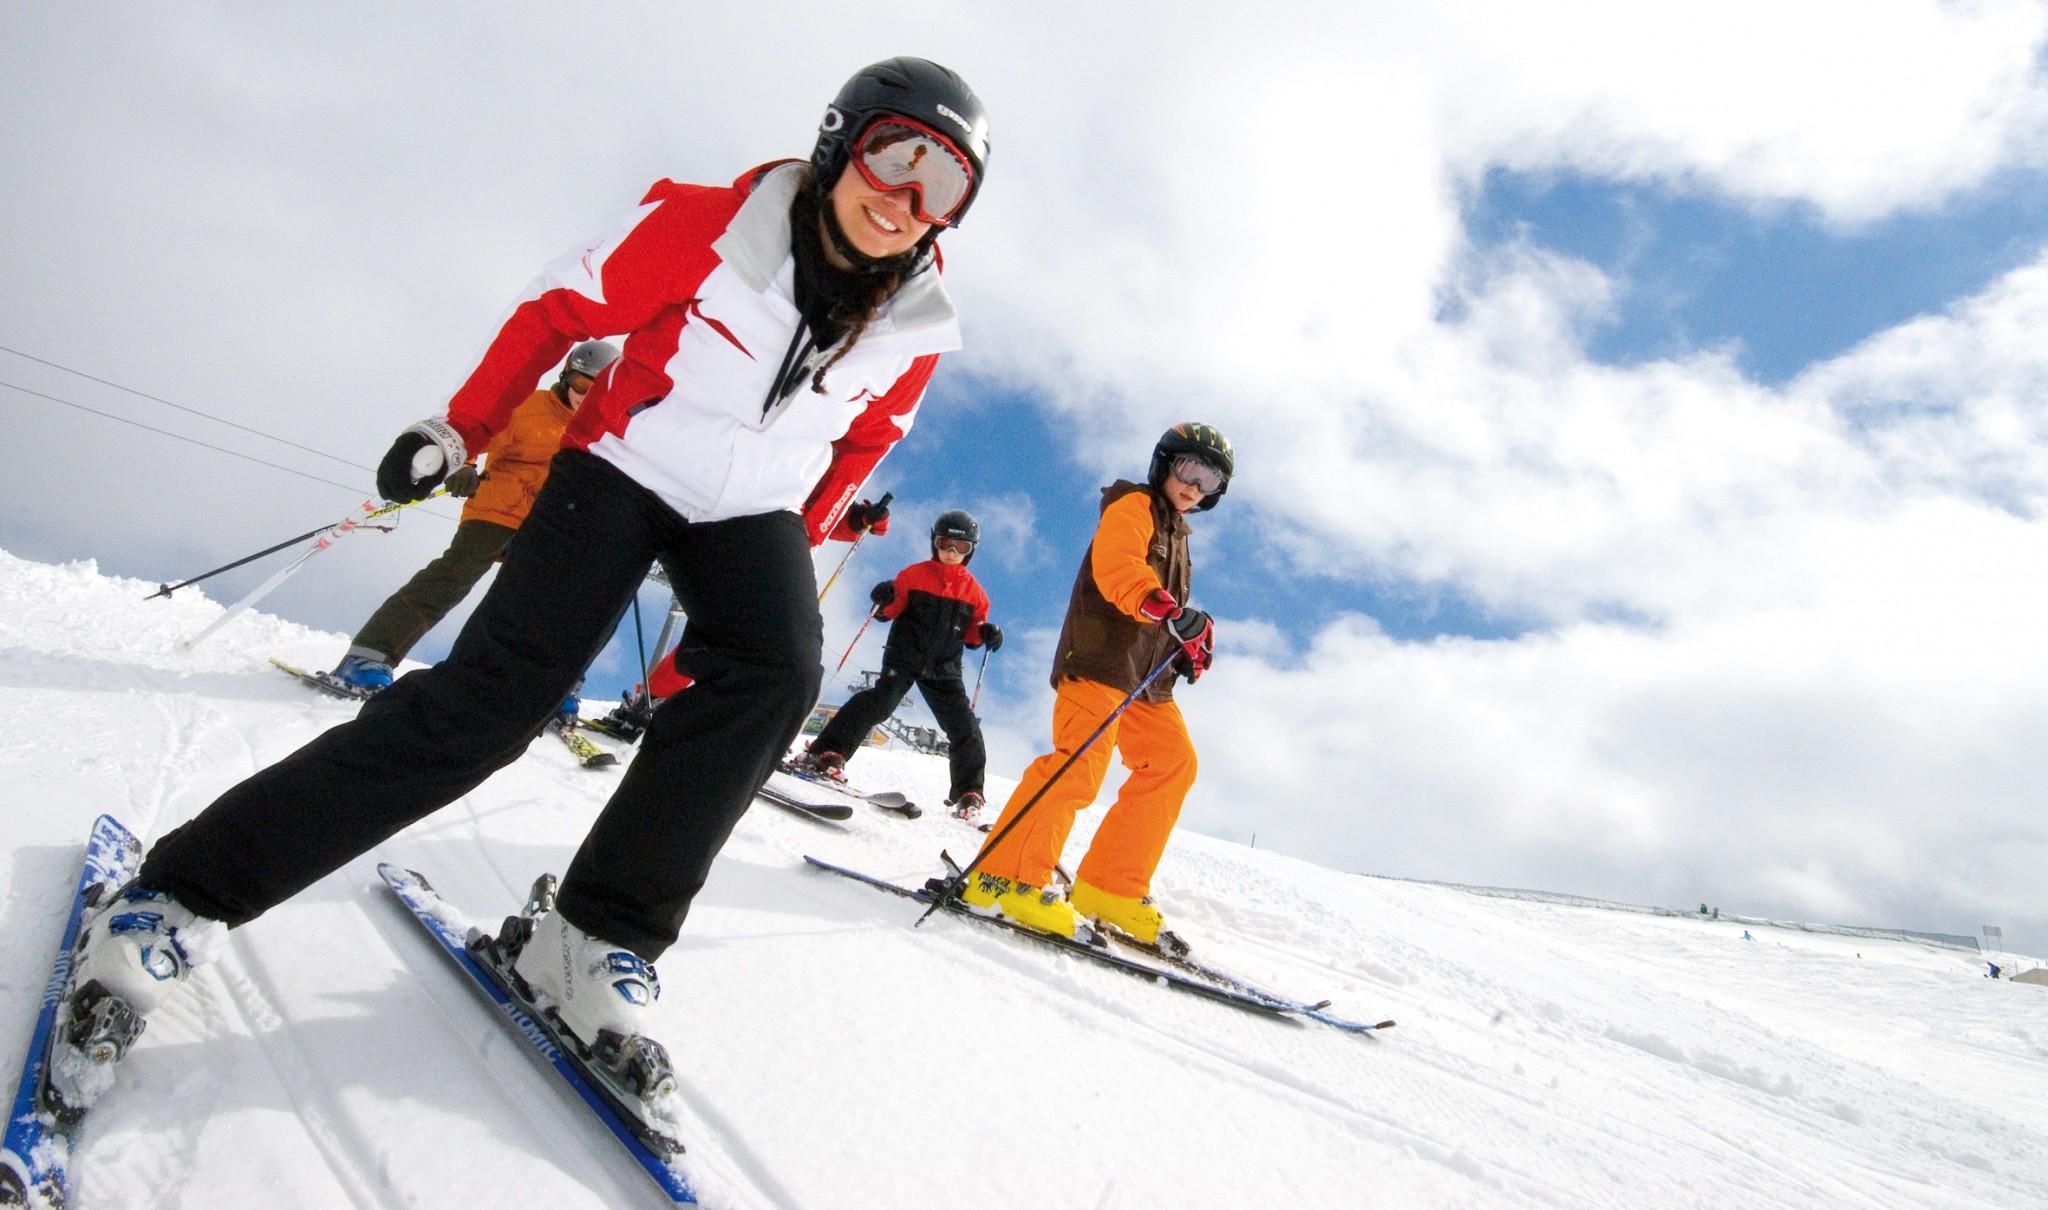 Children skiing (c) Alpbachtal Seenland Tourismus